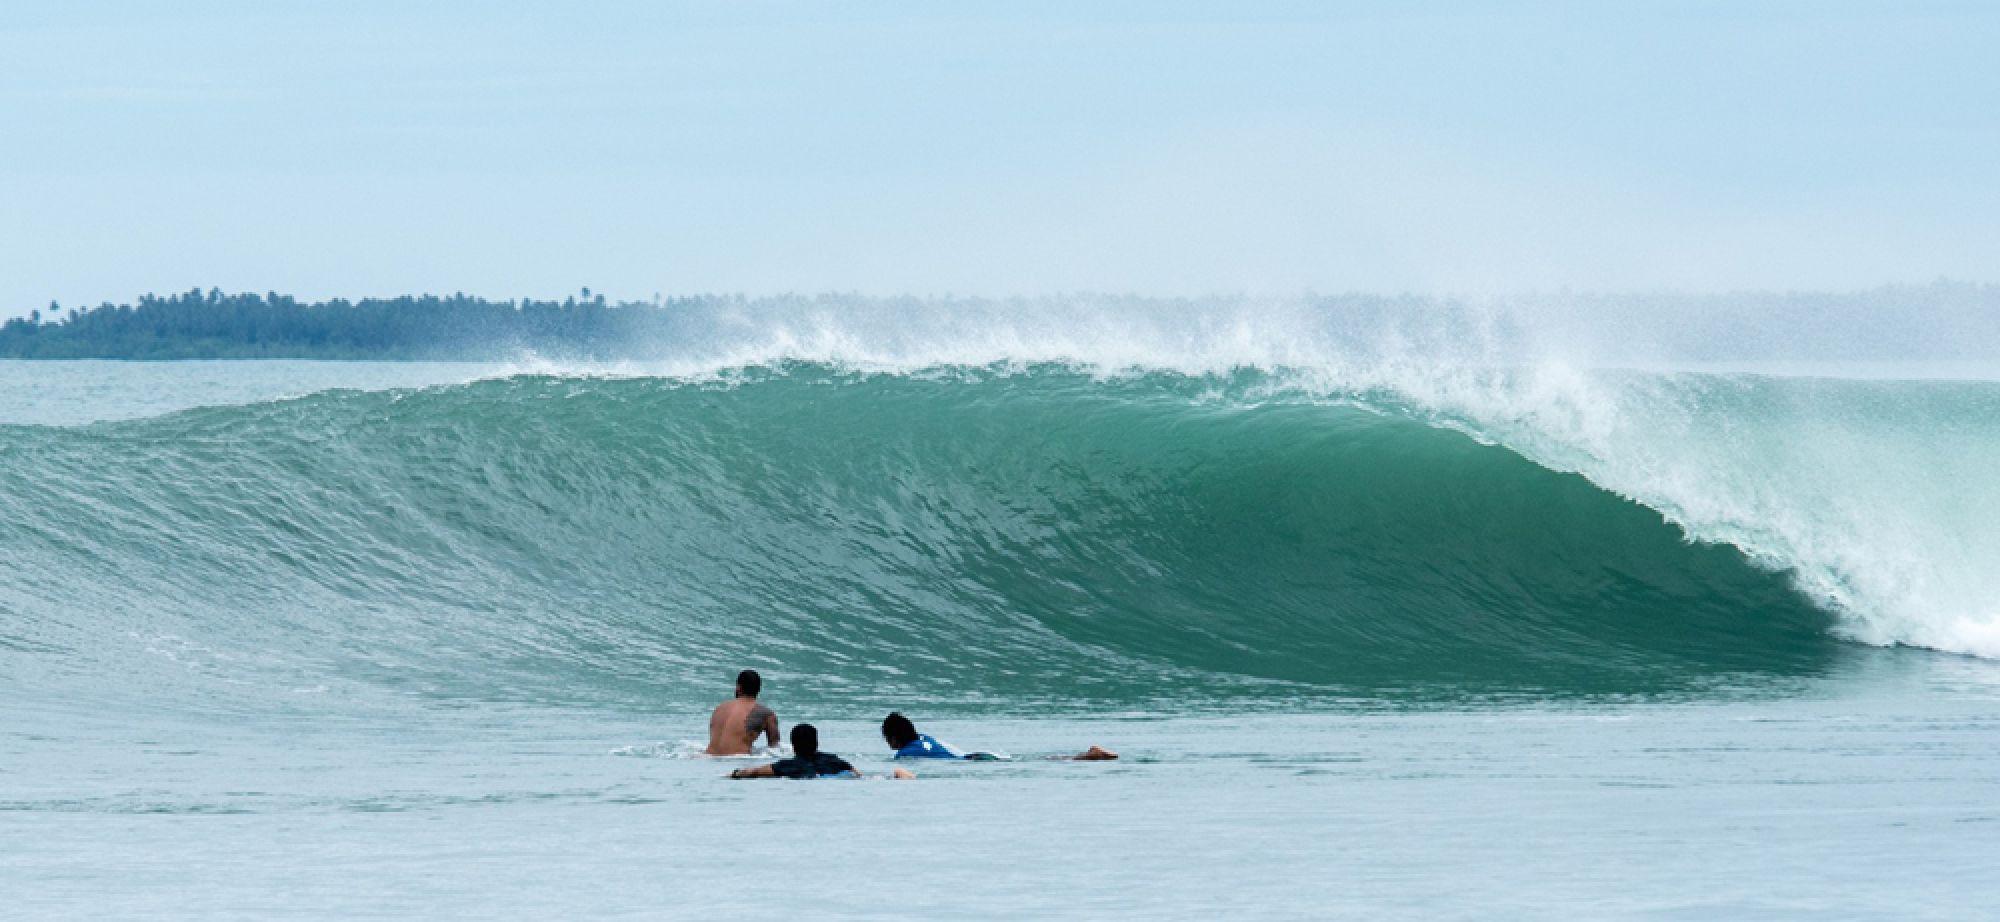 Sirombu surf